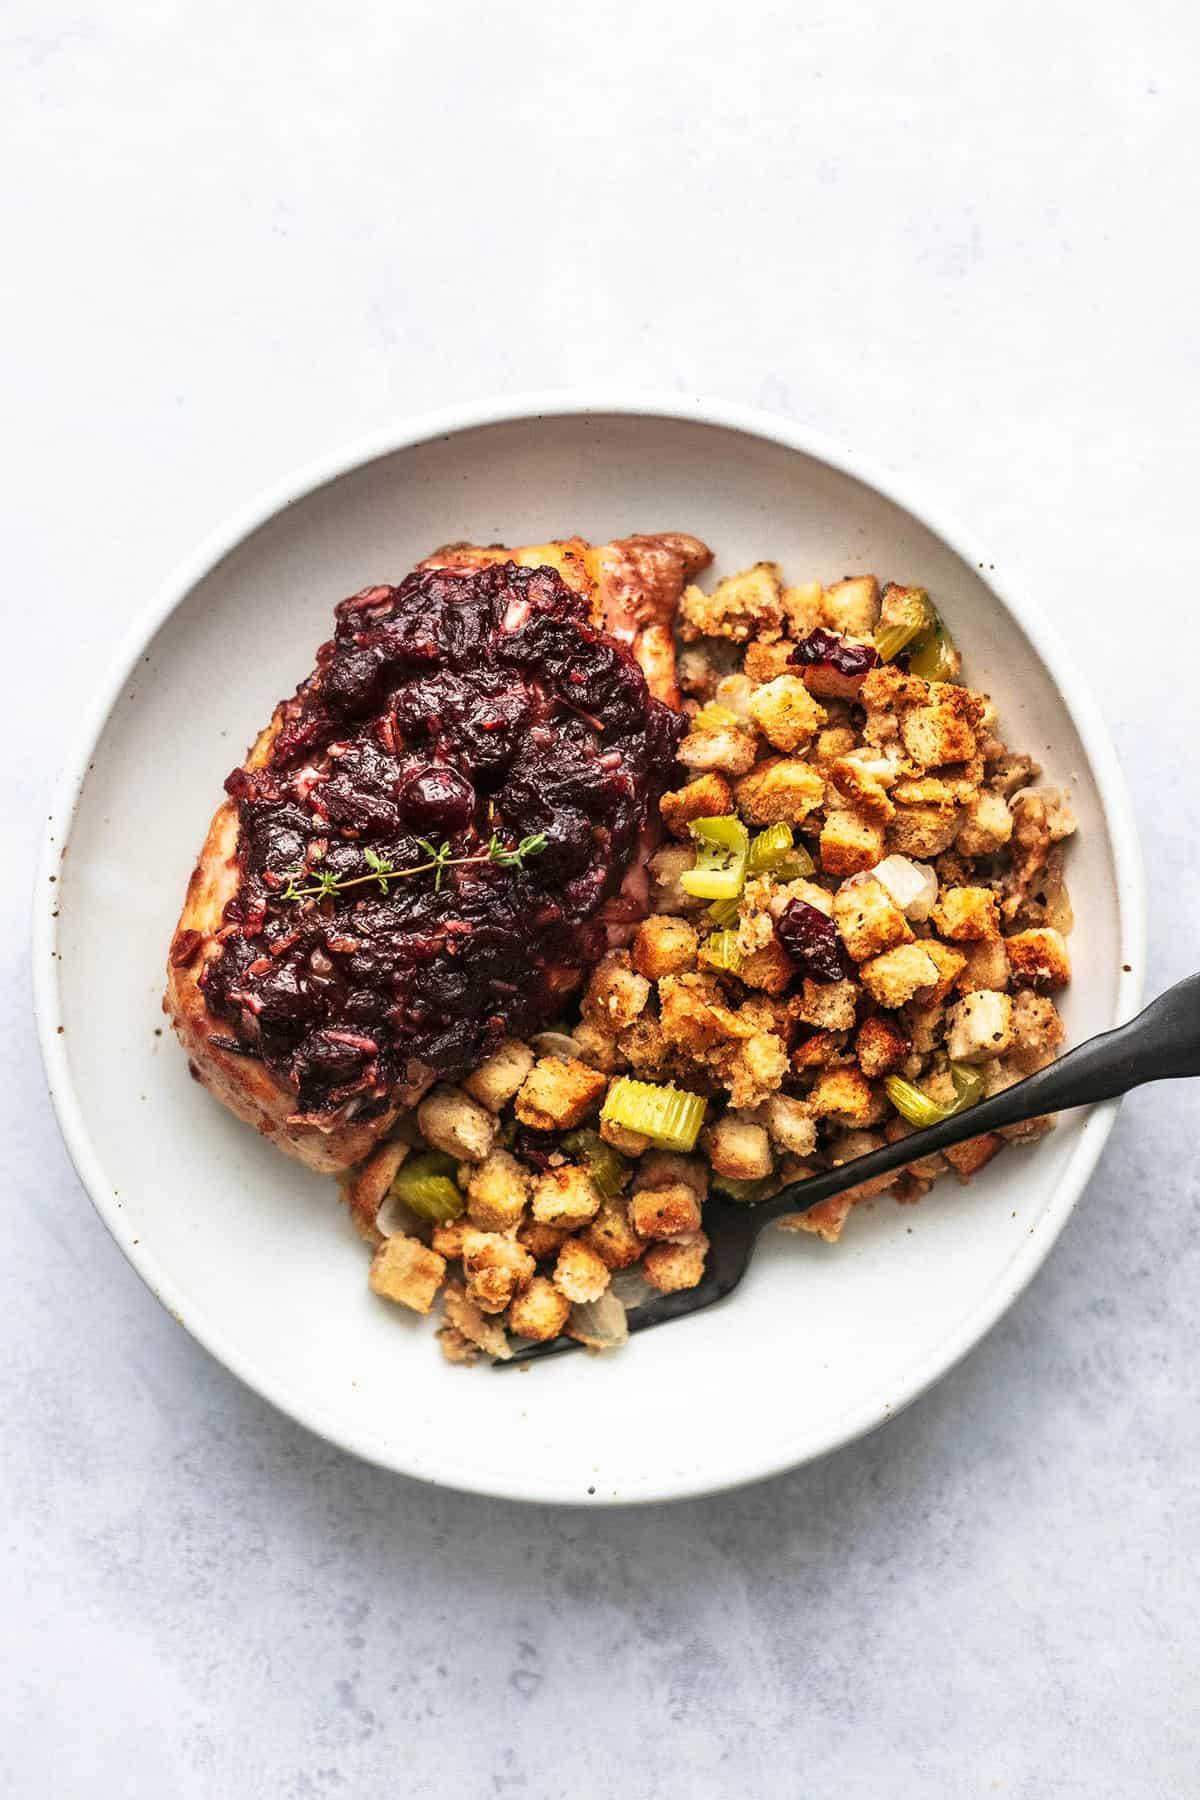 BLATT PAN CRANBERRY HÜHNCHEN UND STUFFING einfaches Abendessen in einer Pfanne und familienfreundliches Essen | lecremedelacrumb.com